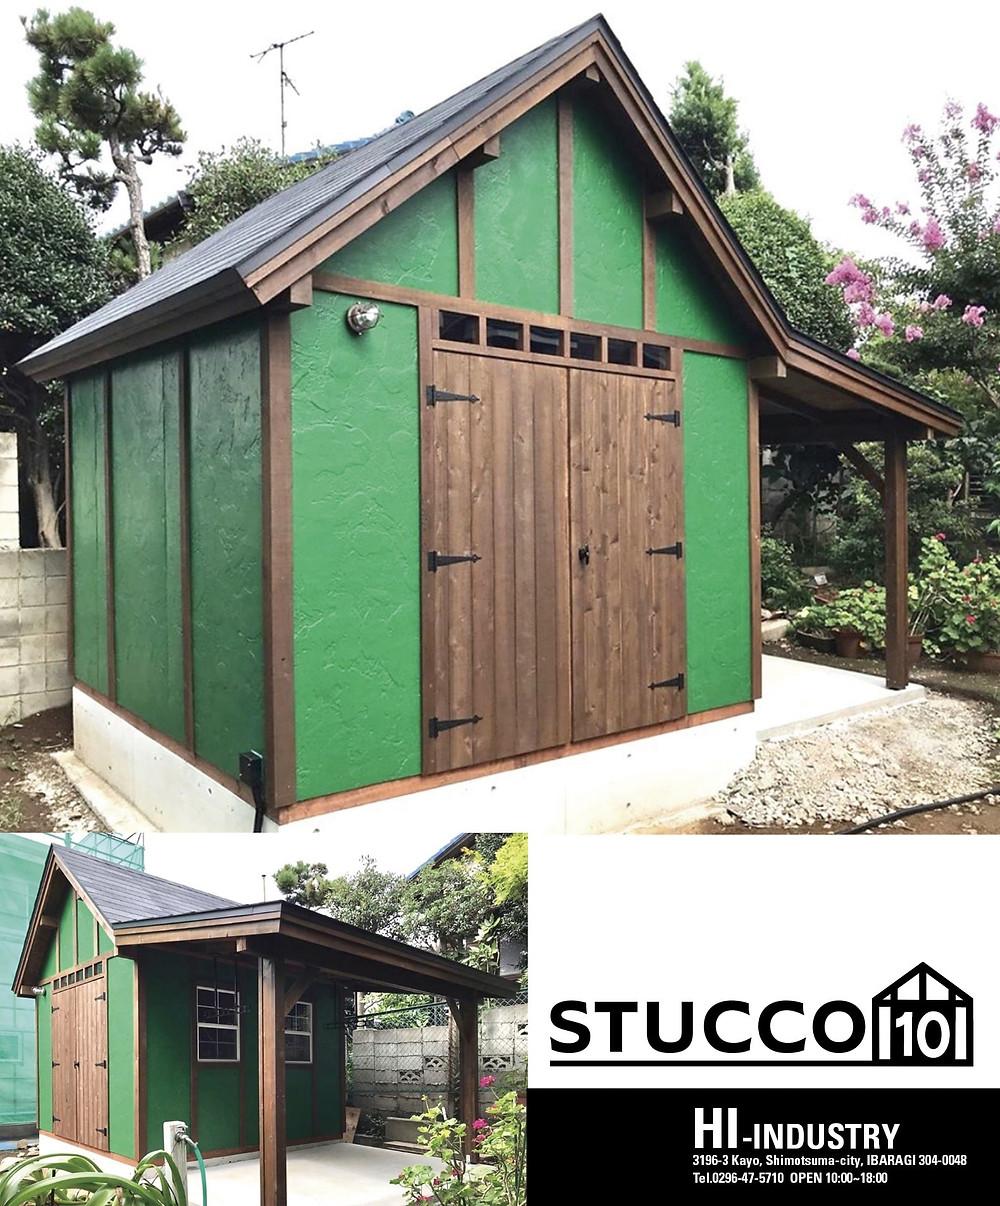 塗り壁風のパネルが標準のスタッコは北欧風や和風にも見えるデザインで大きさも様々な便利な物置小屋です。